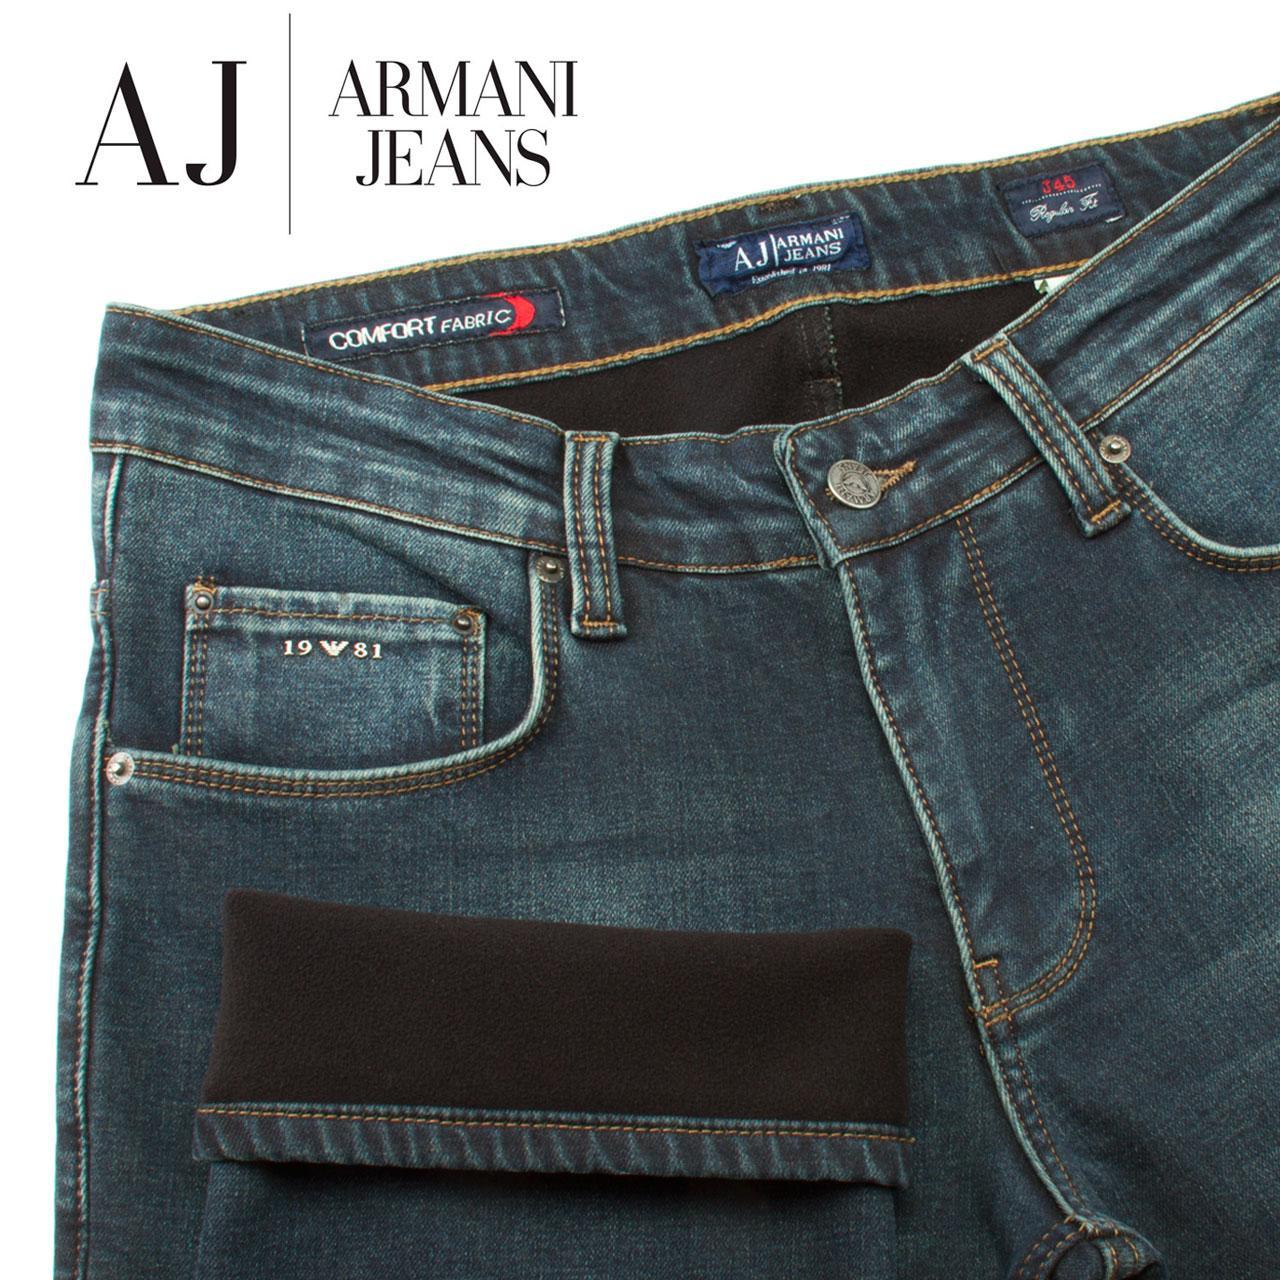 Джинсы мужские утеплённые ARMANI - ваш online гардероб в Кременчуге 2933ddd7e43